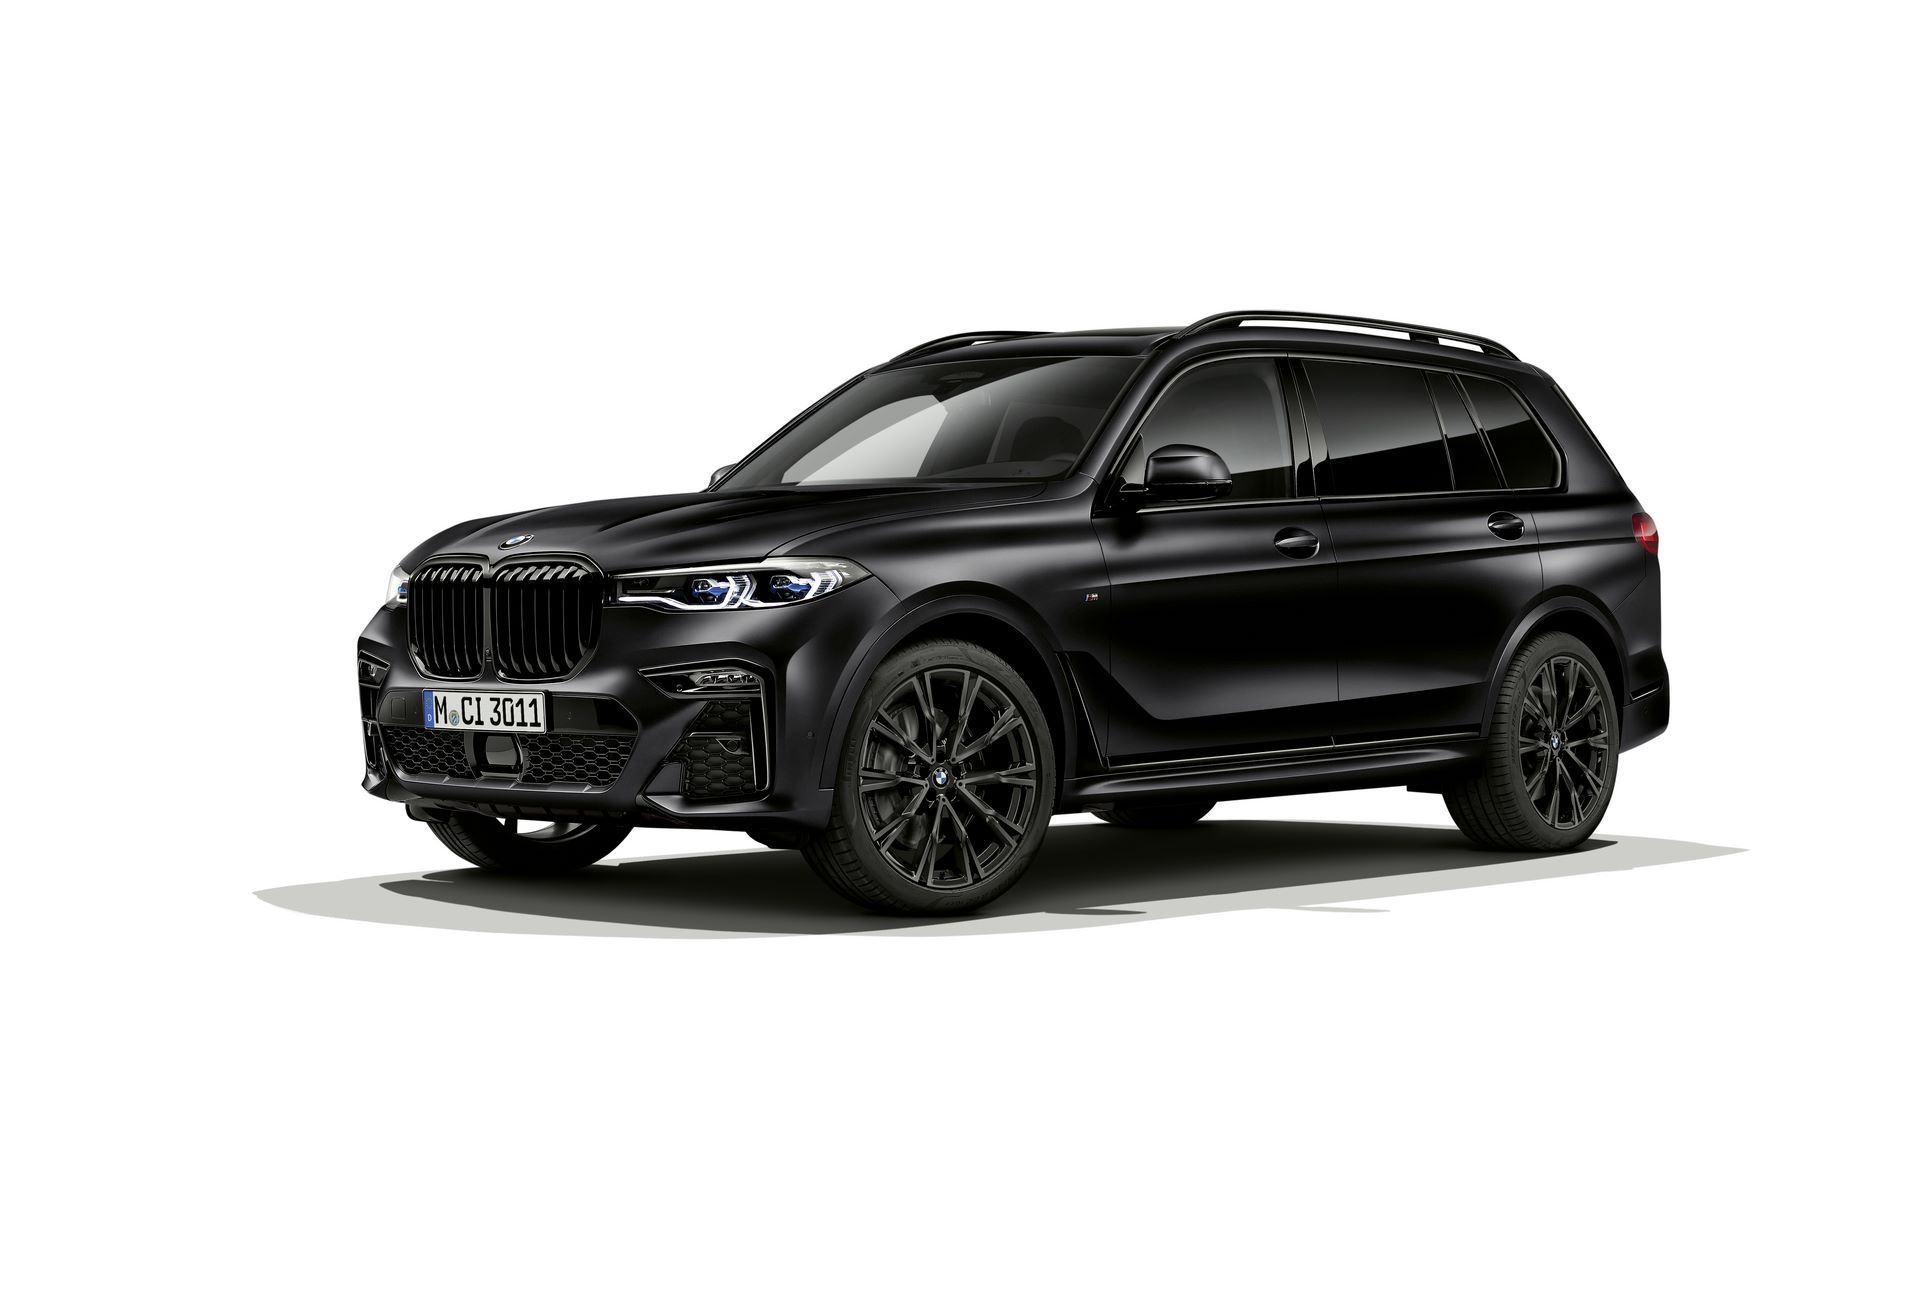 BMW-X5-Χ6-Black-Vermilion-X7-Limited-Edition-45